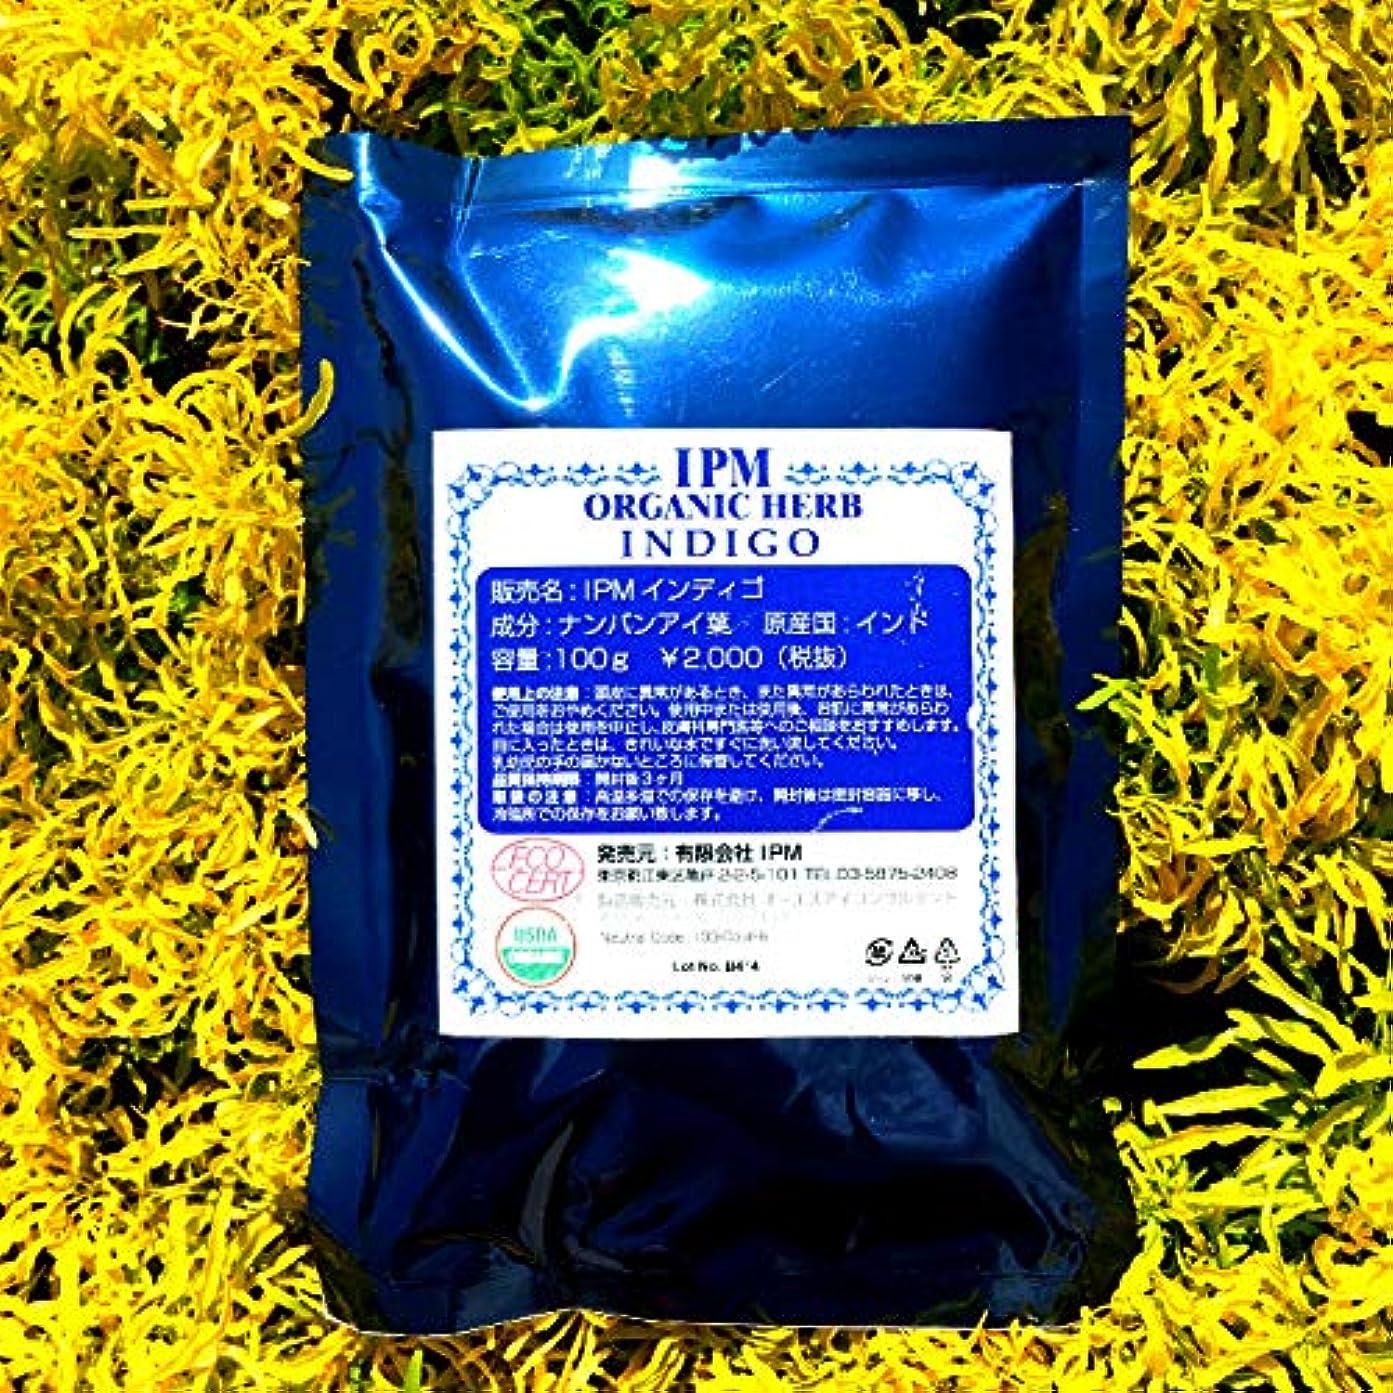 アンペアビヨンわかりやすいIPM インディゴ 500g (100g×5)